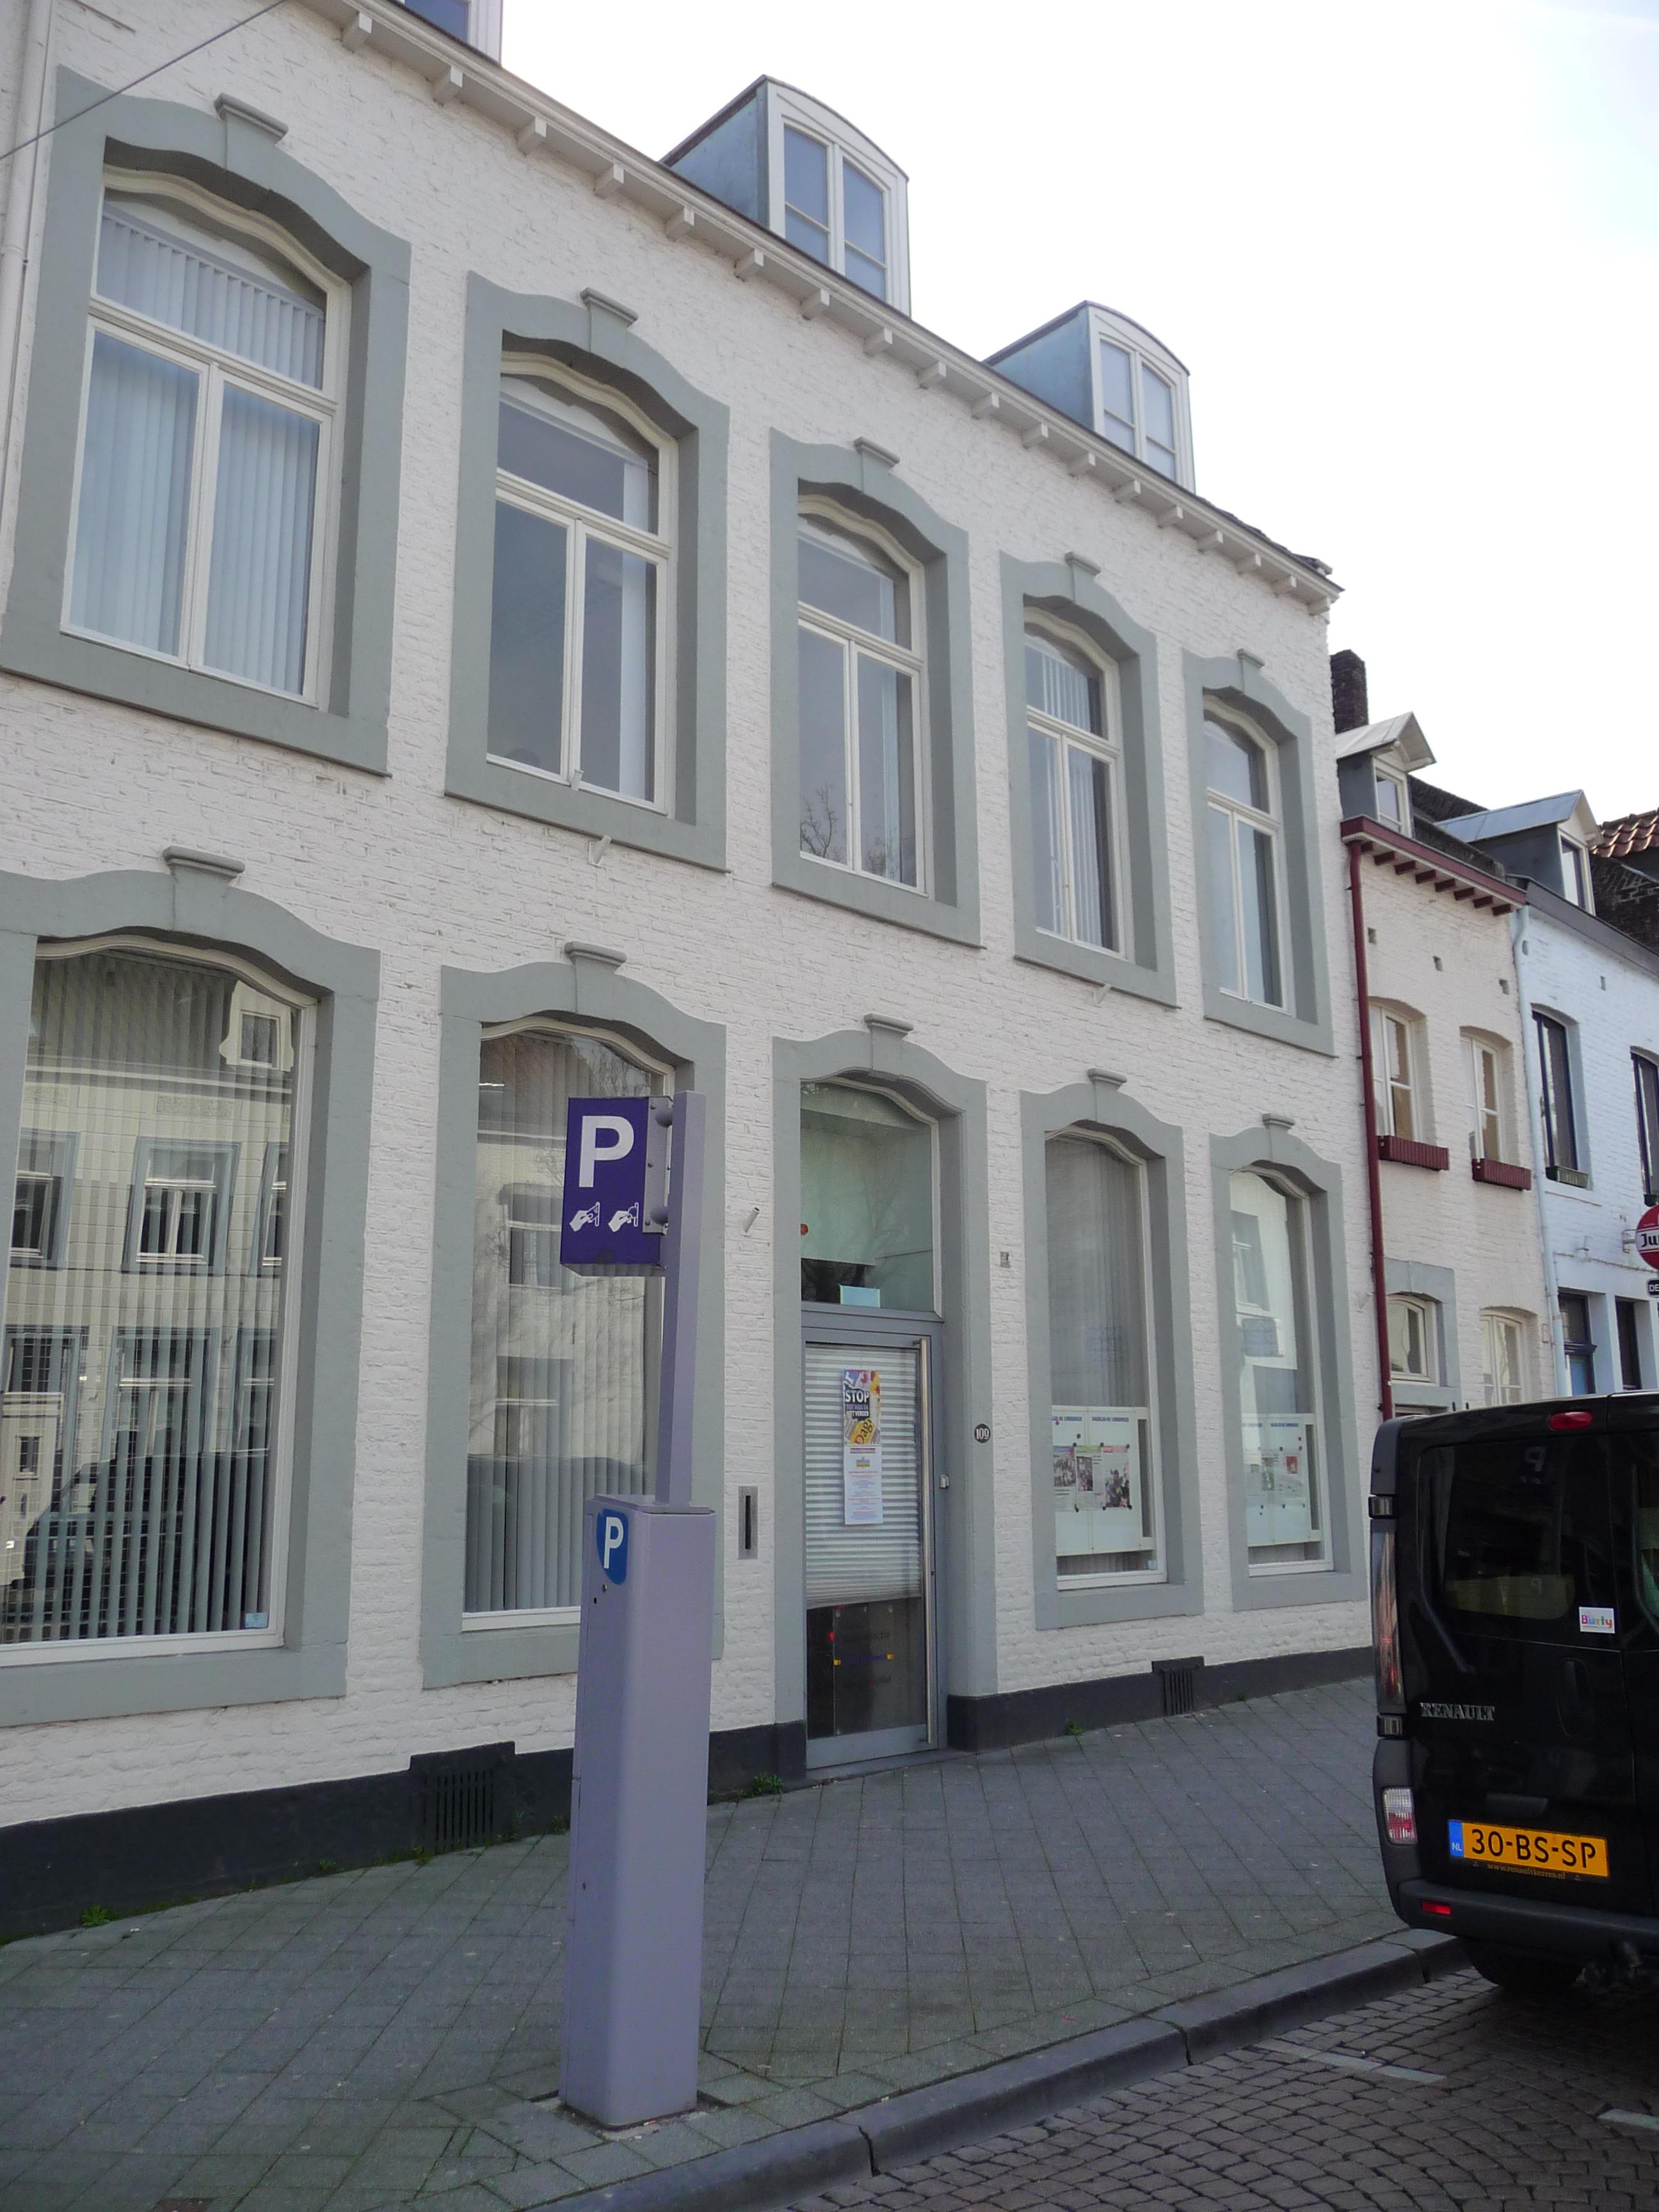 Huis met brede lijstgevel waarin een ingang en vensters met spiegelbogen in naamse steen in - Huis ingang ...